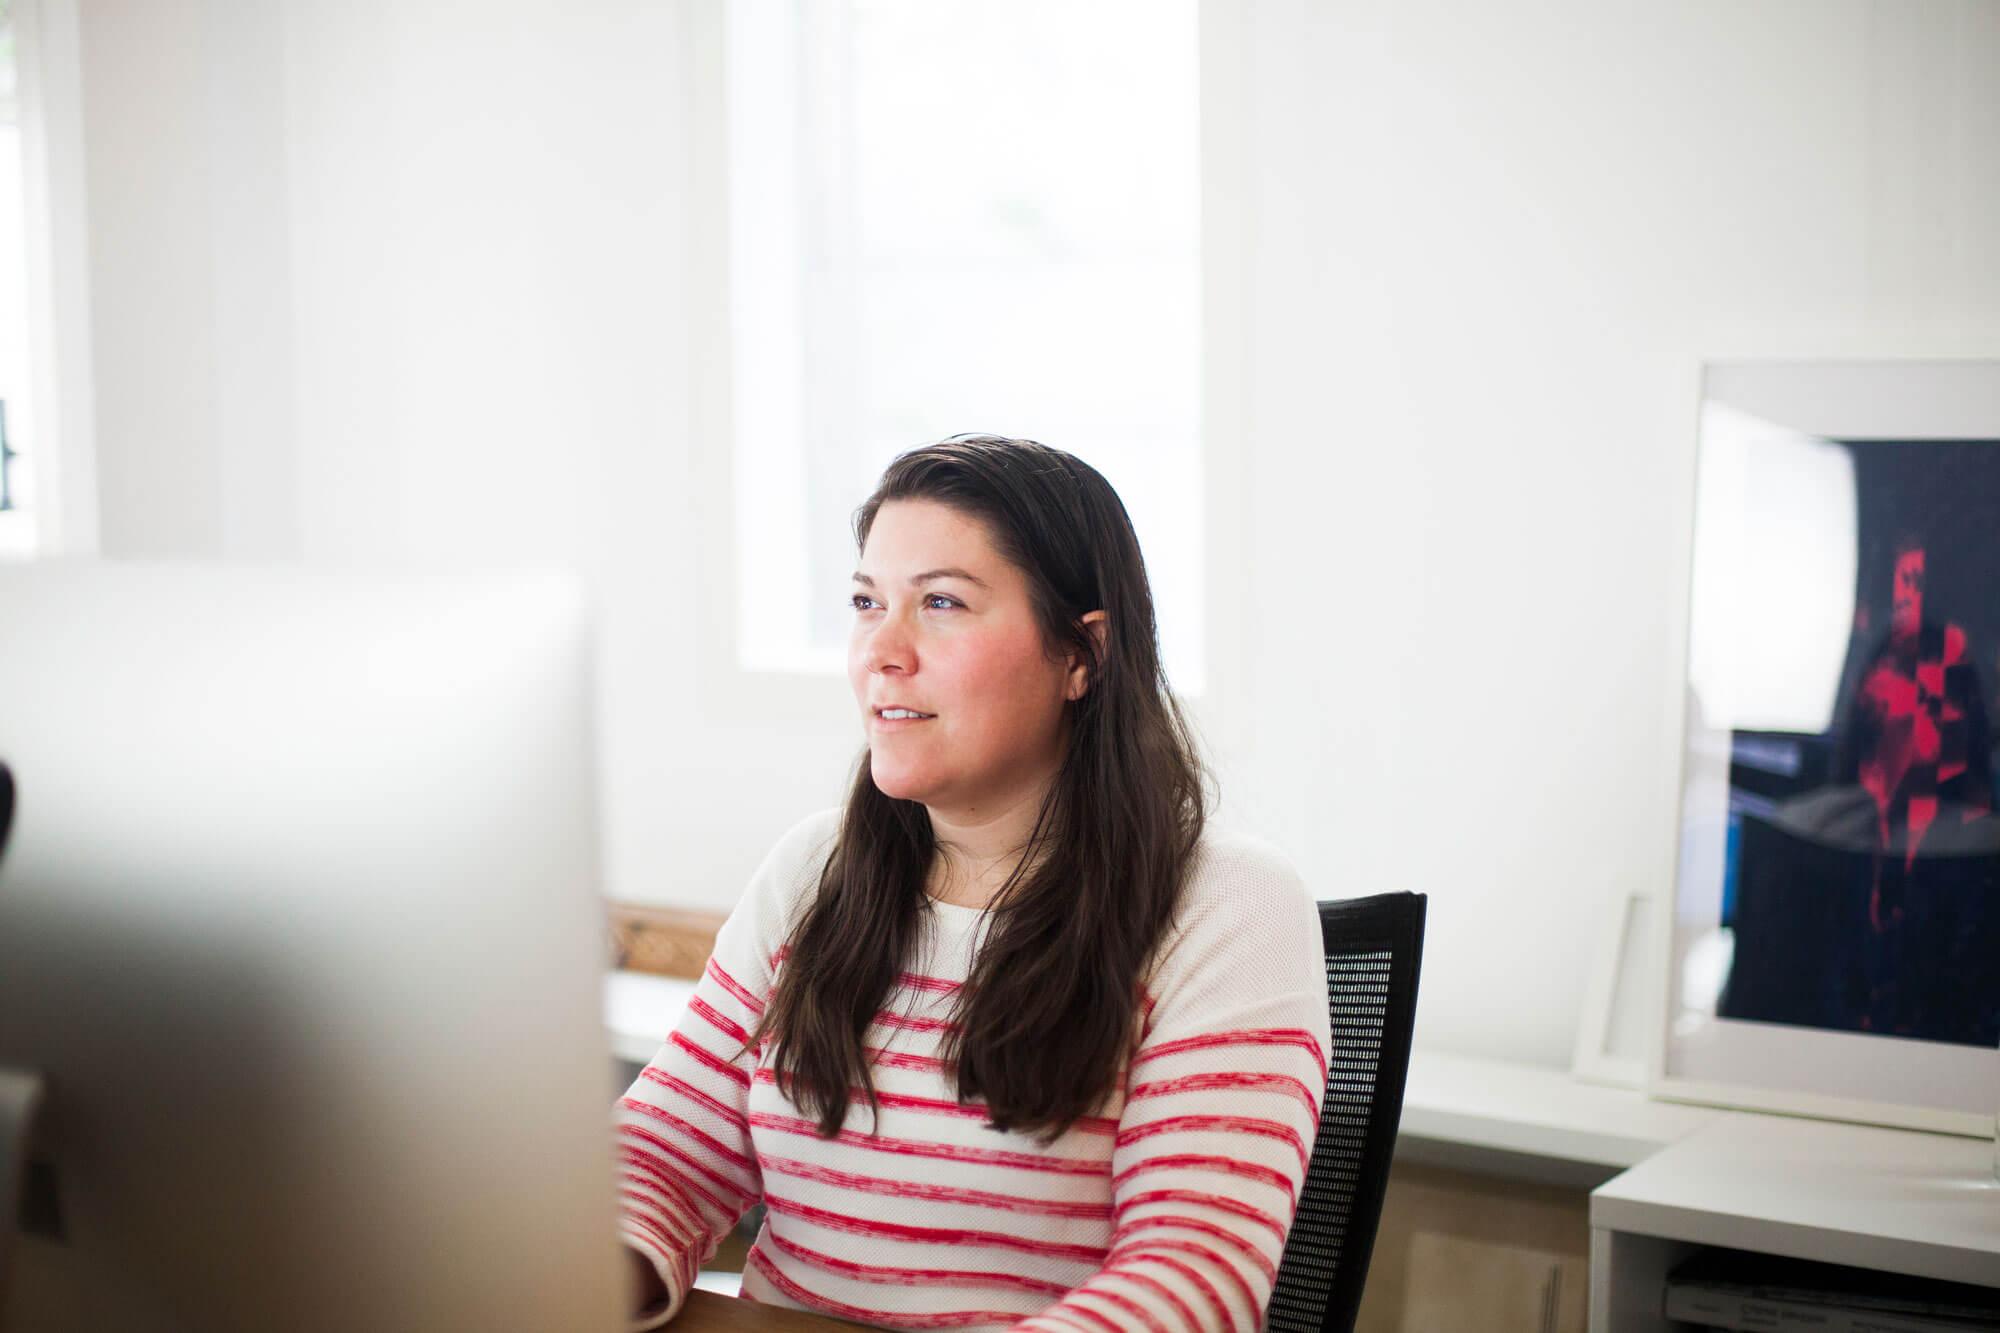 Lieneke zit achter haar computer op het kantoor